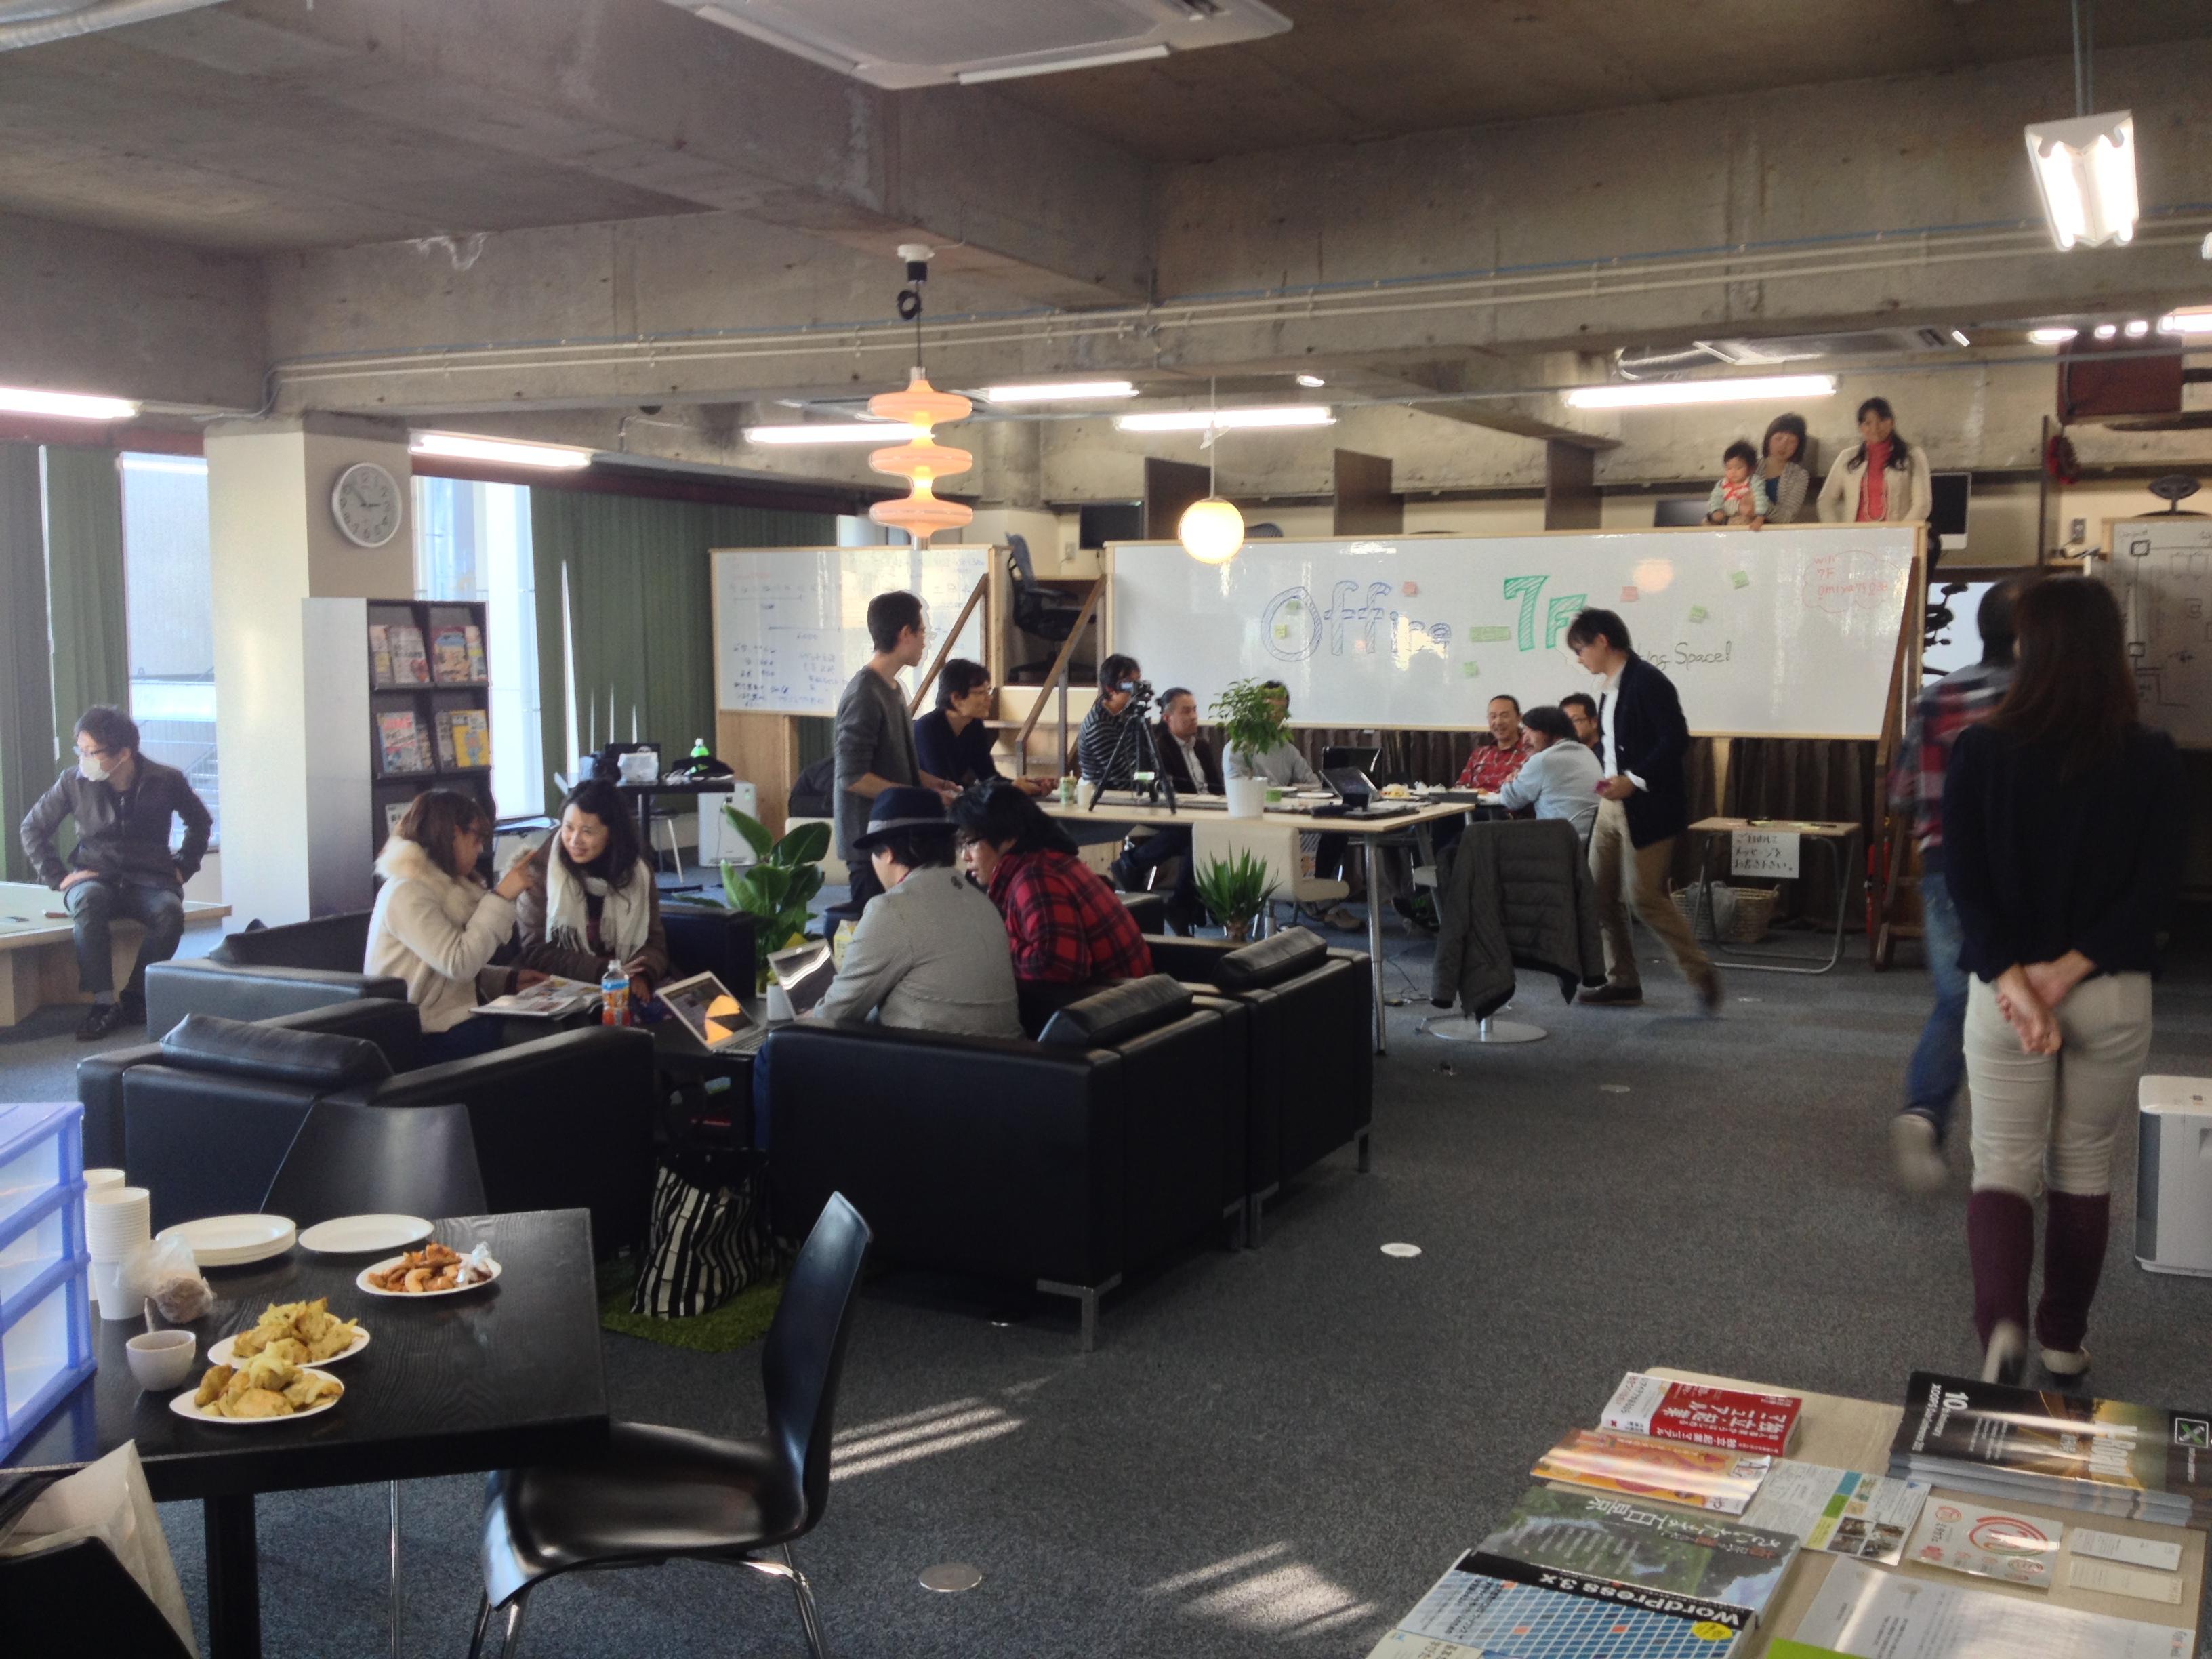 埼玉県さいたま市大宮駅東口徒歩1分のコワーキングスペース「7F」の運営を始めて約1週間が経ちました。